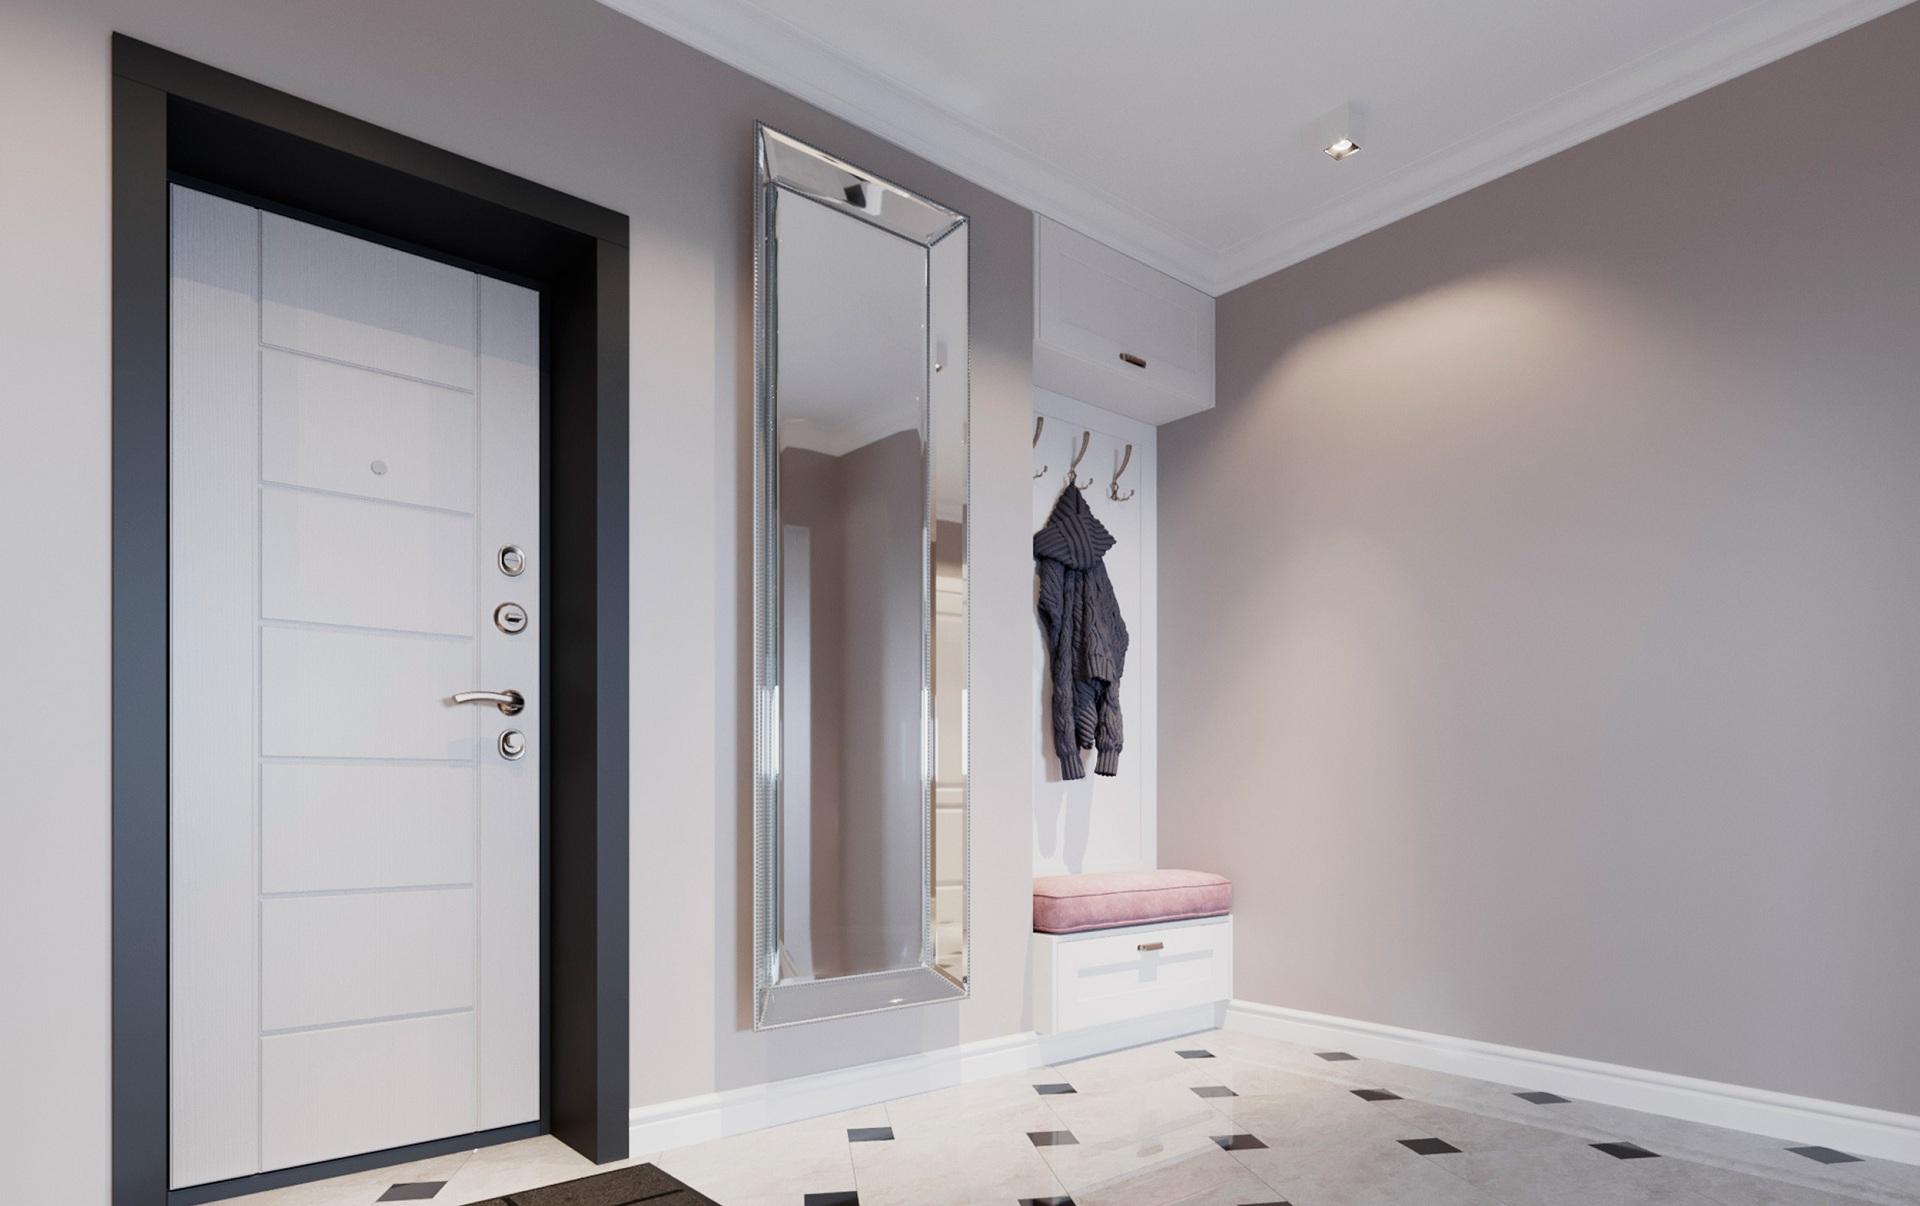 весь фото квартир с белой входной дверью отредактируете фото, изменения